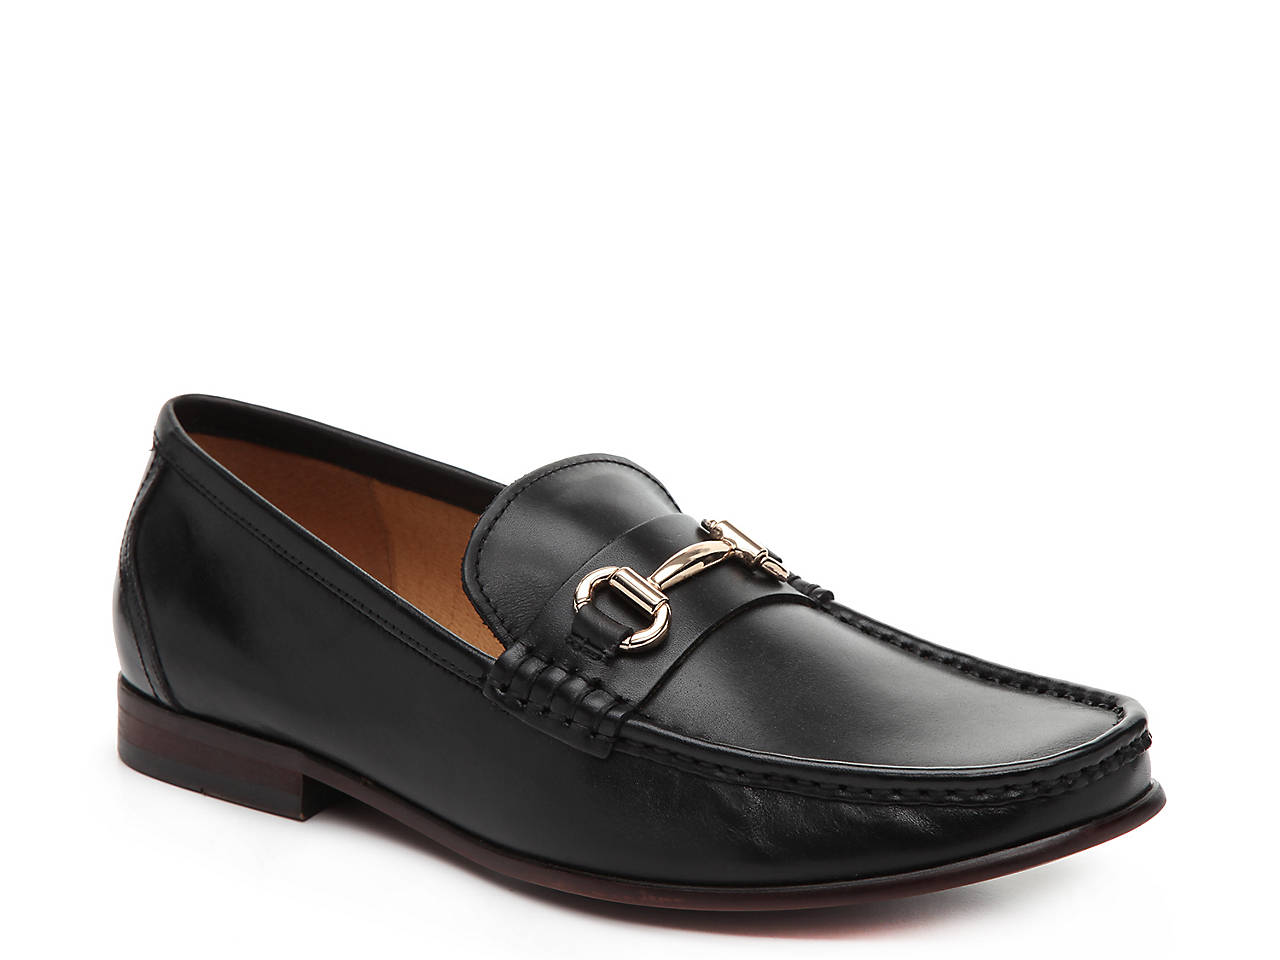 60a15fe2720 Steve Madden Gere Loafer Men s Shoes